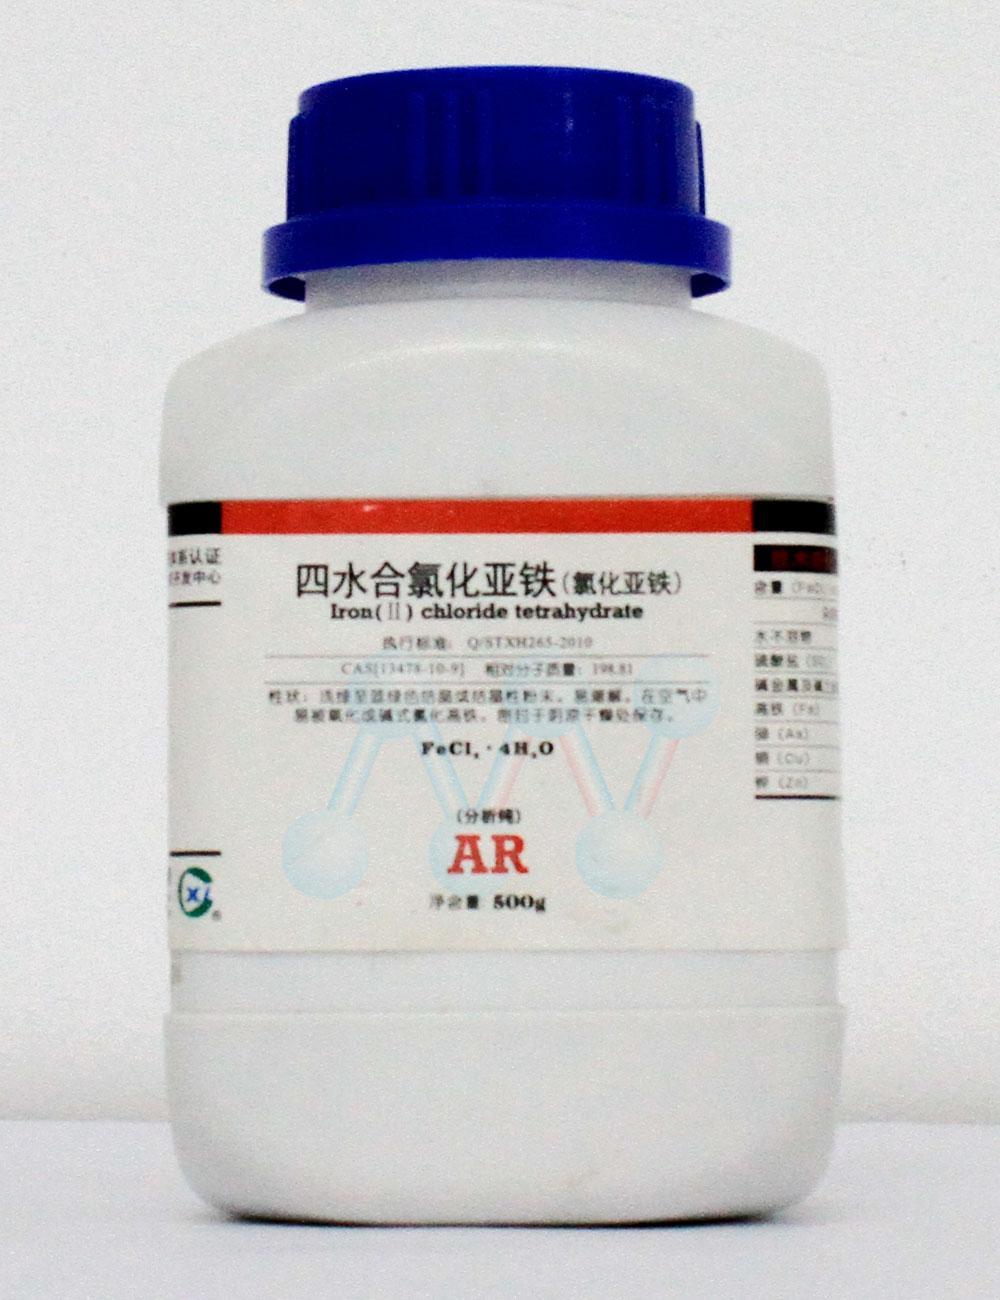 Iron (II) Chloride FeCl2.4H2O